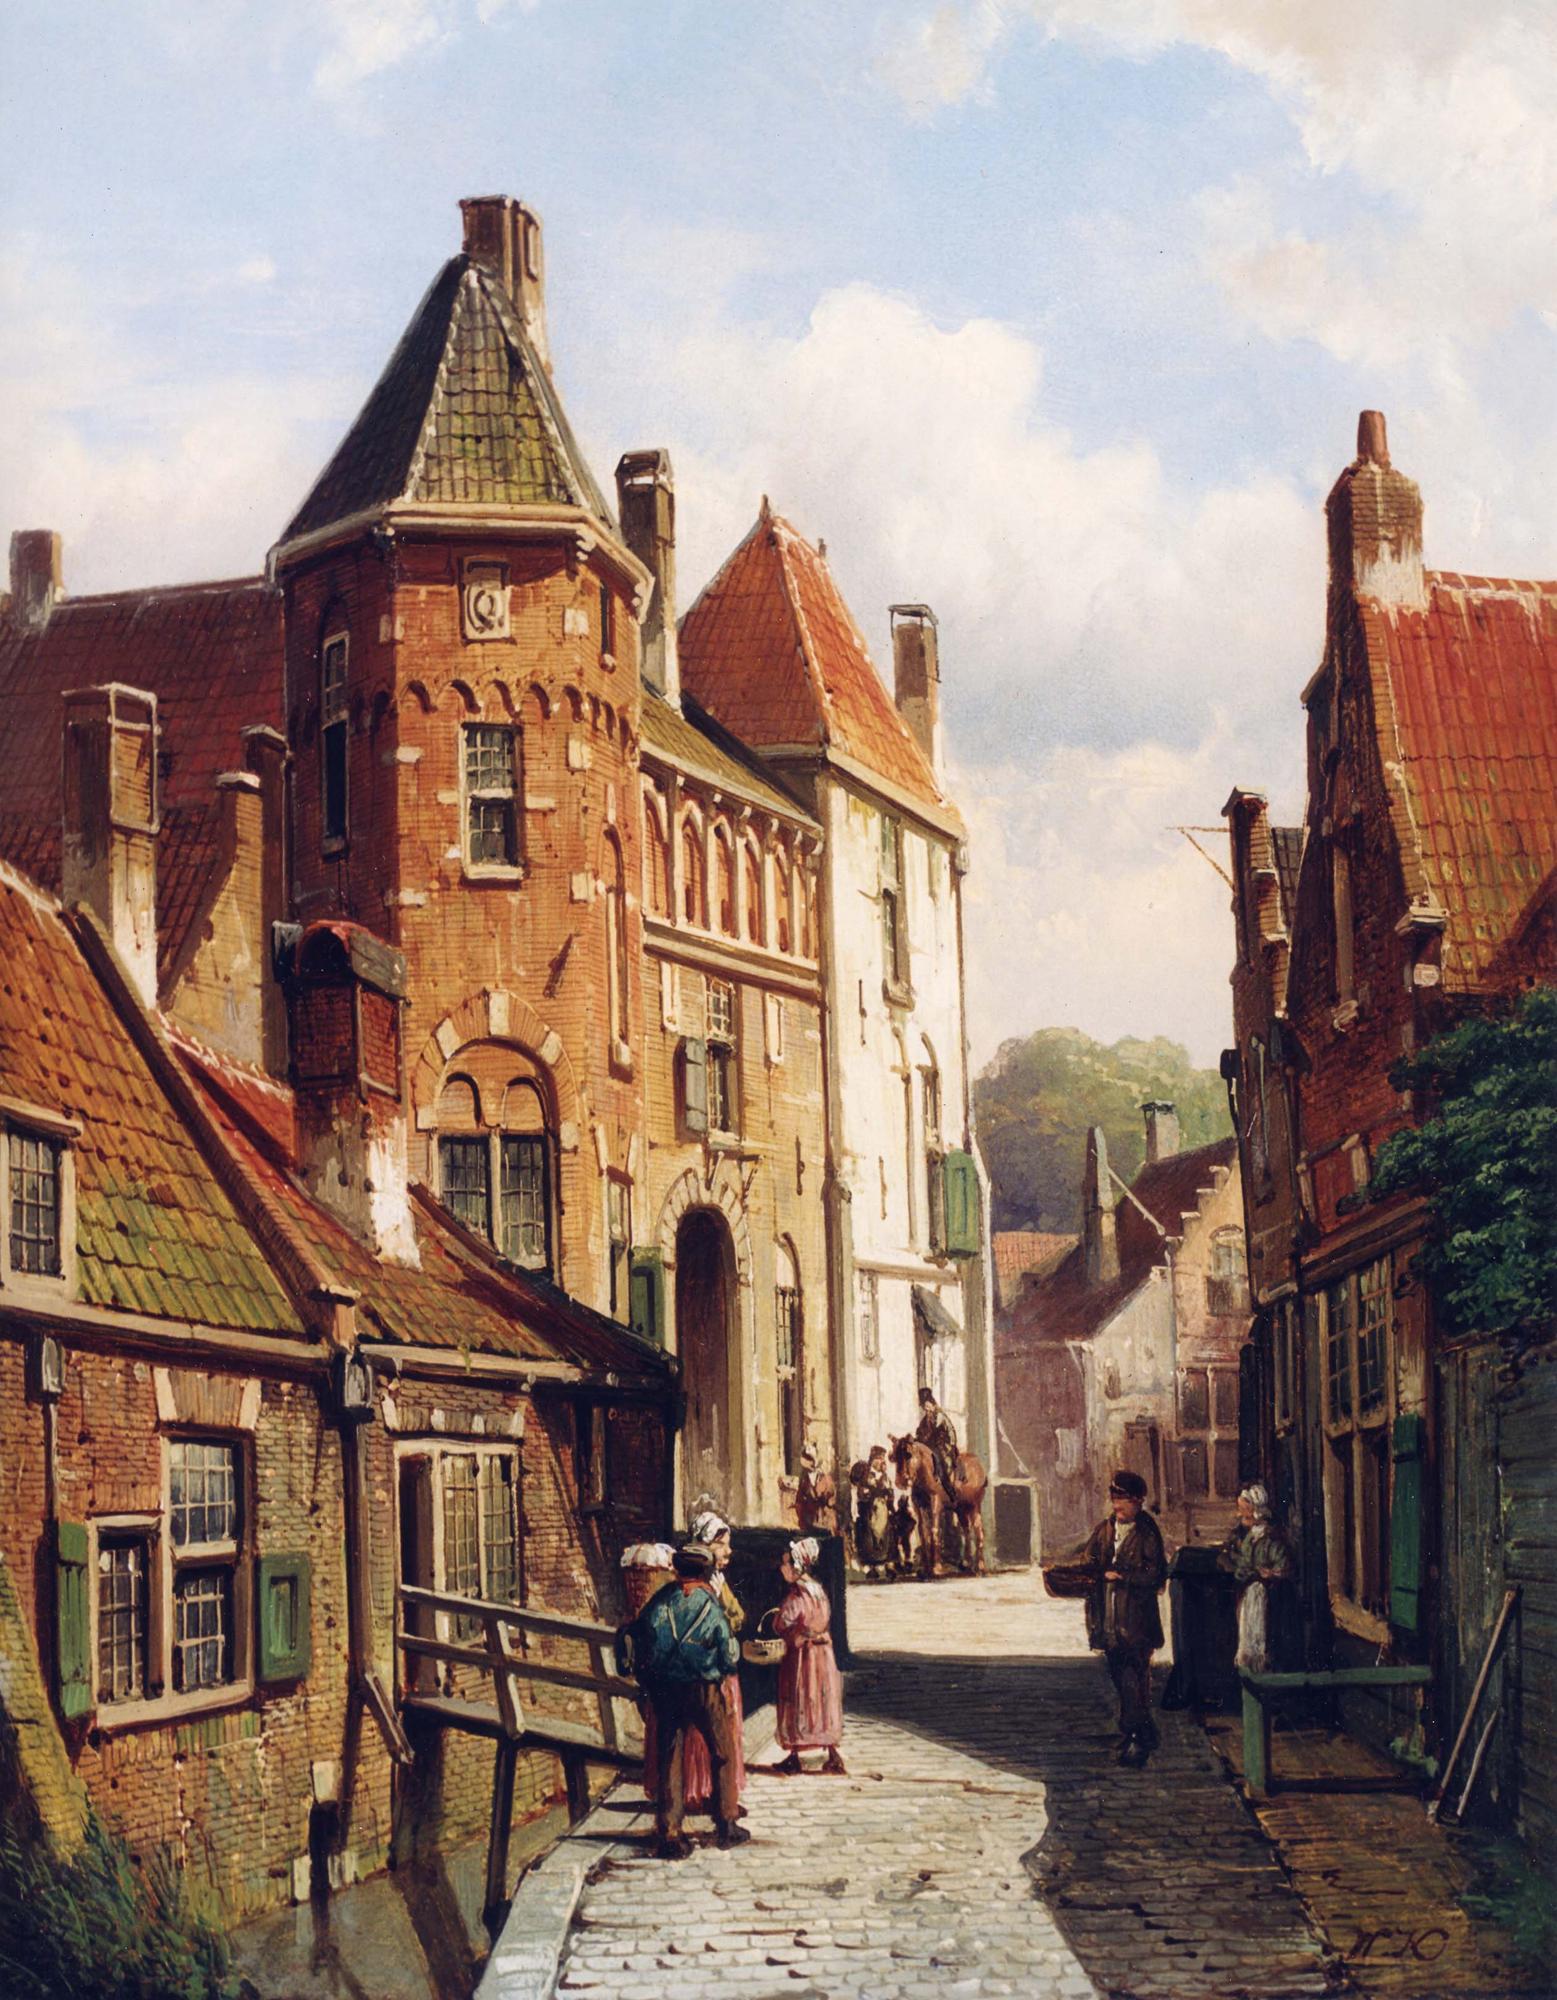 Willem Koekkoek ( 1839 - 1895) - Dutch Town Scene with Figures